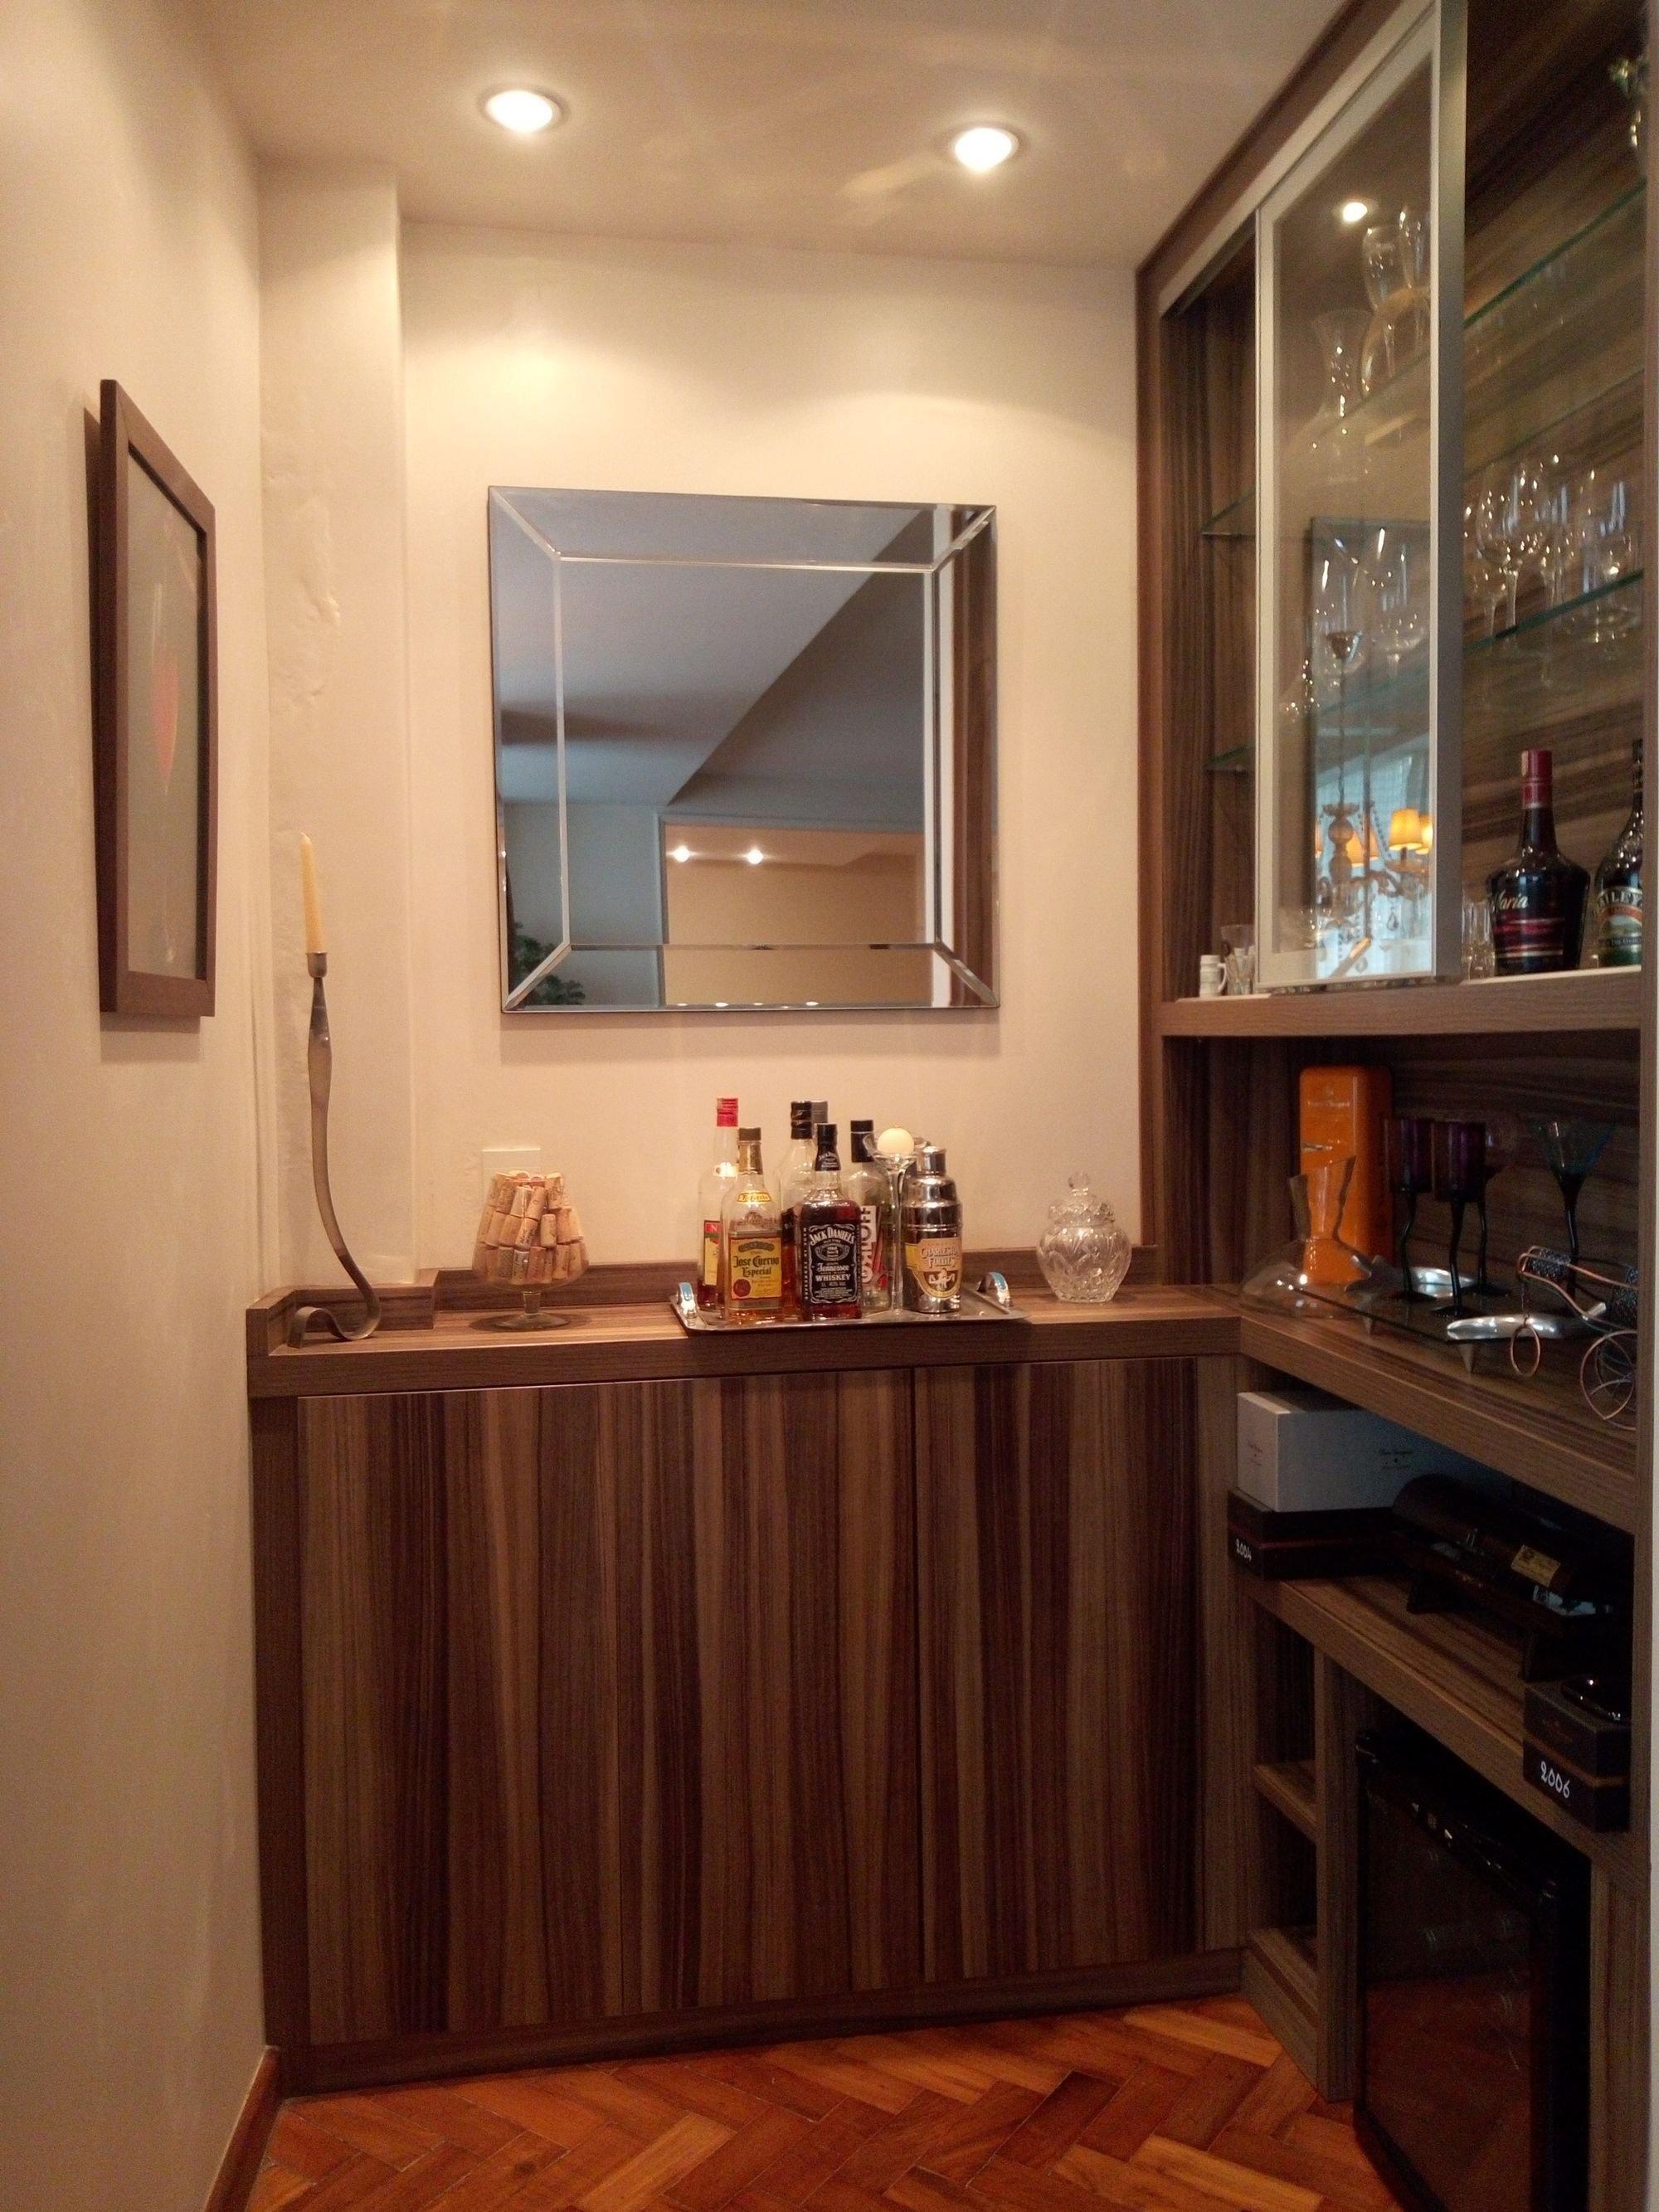 Foto de Cozinha com copo de vinho, garrafa